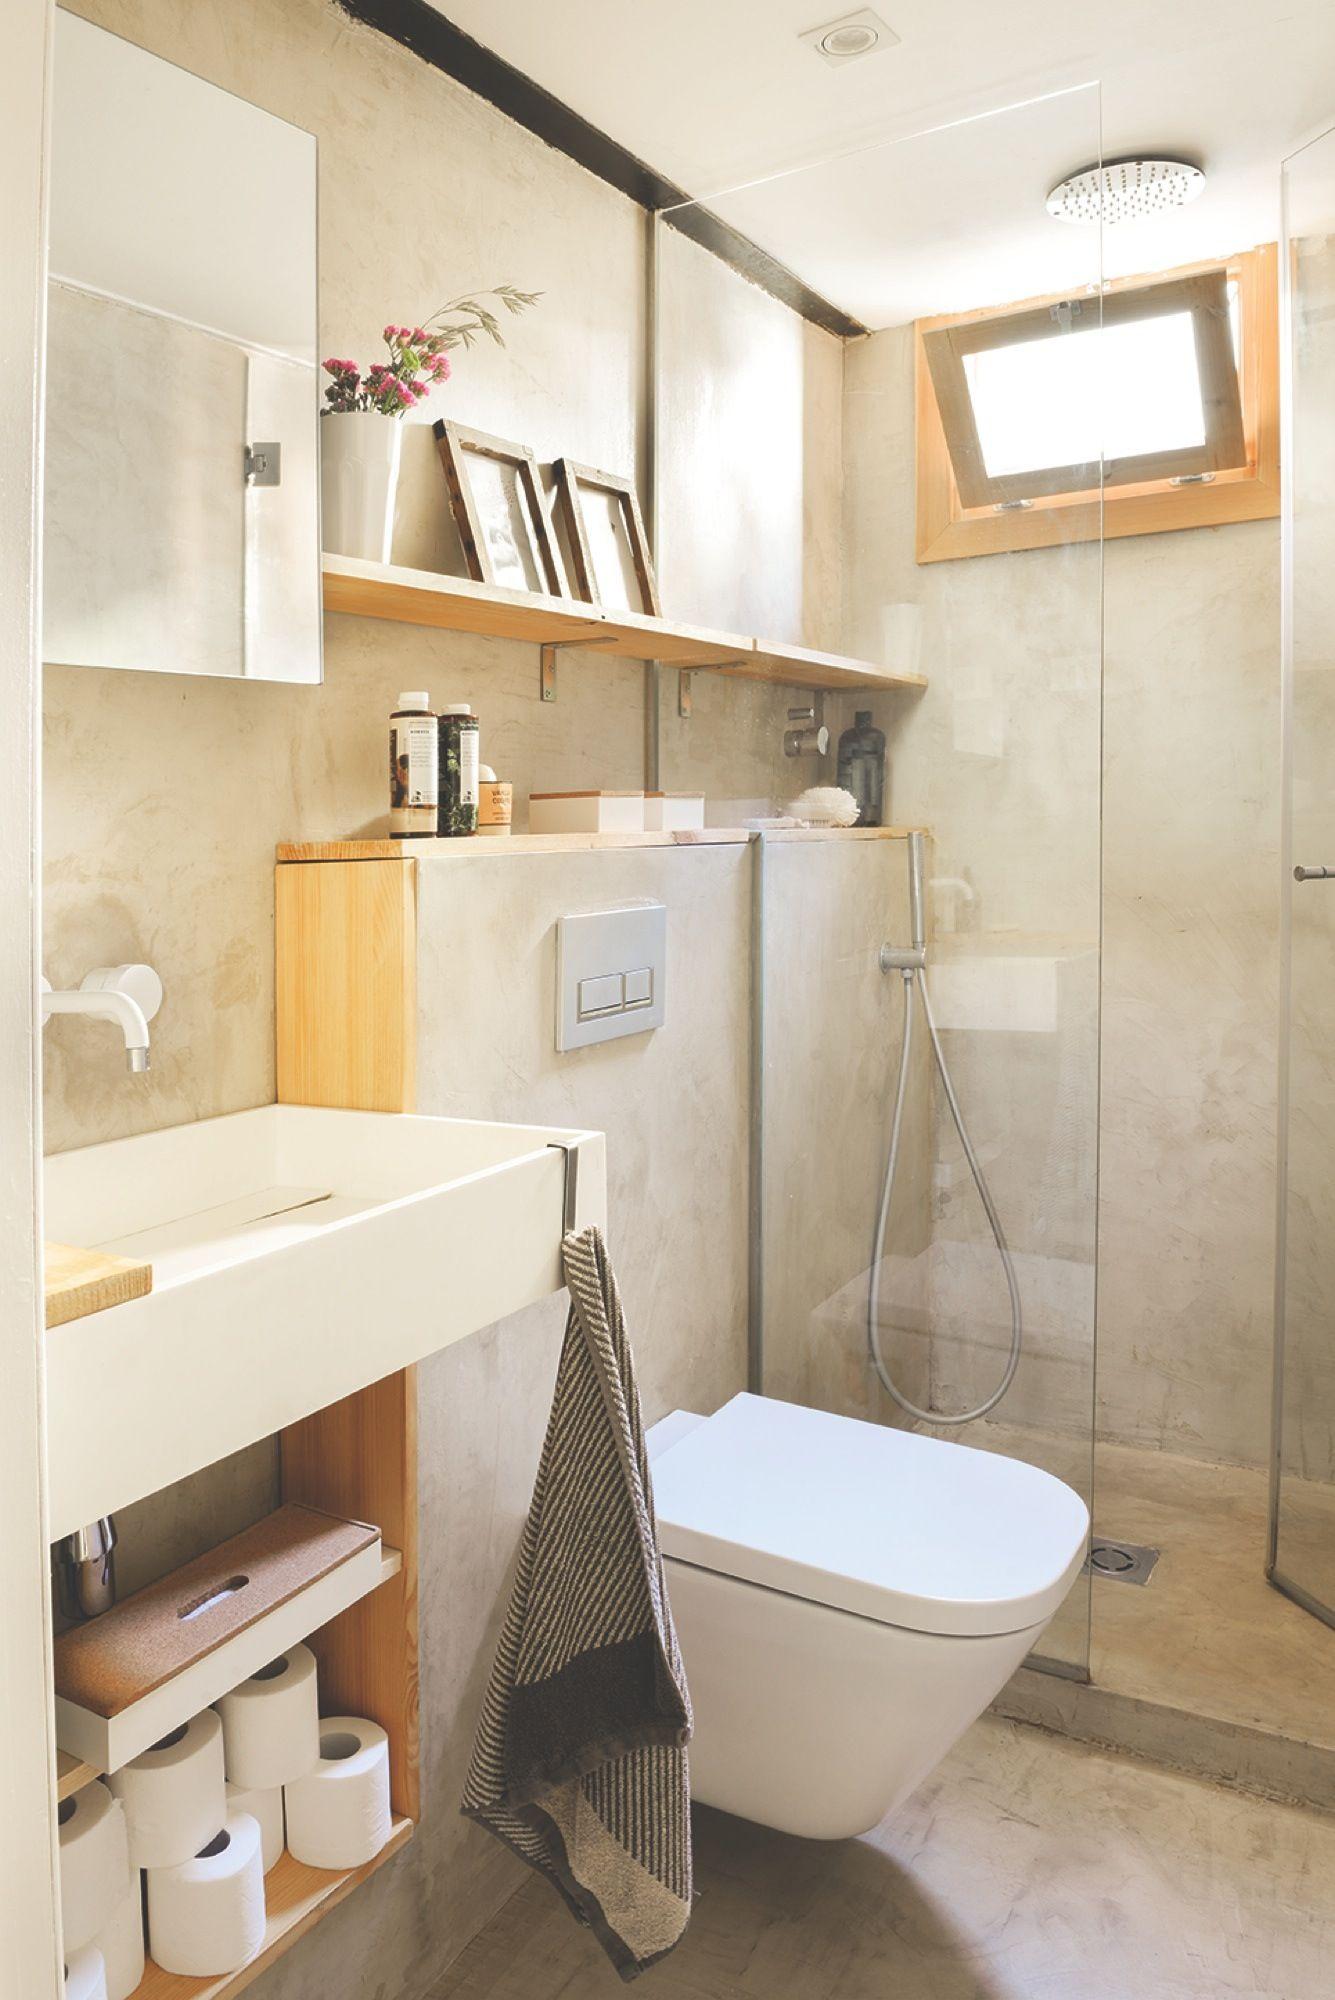 Ba o peque o en microcemento gris y madera piso neus - Microcemento para banos ...